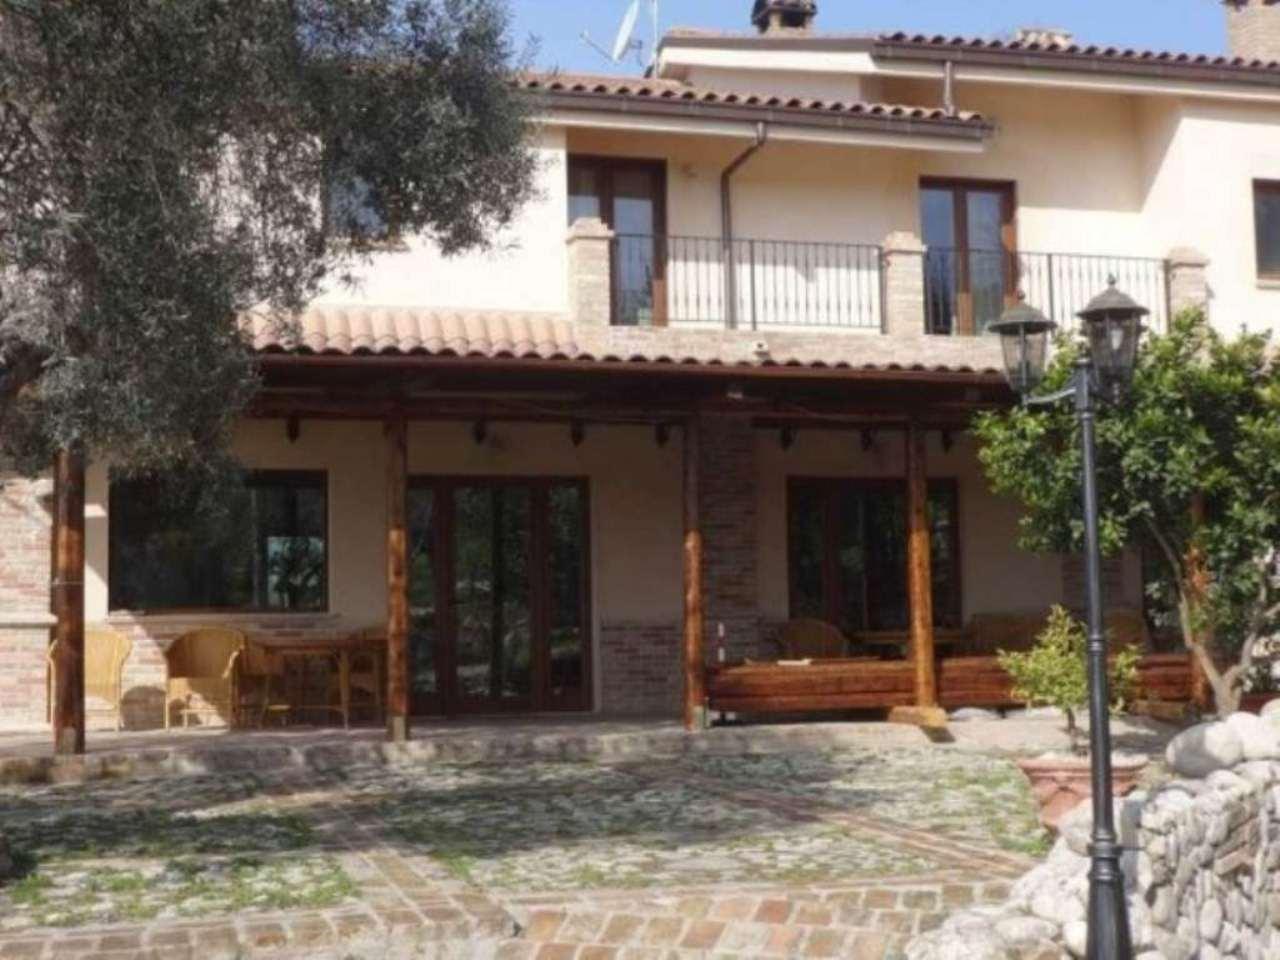 Villa in vendita a Cepagatti, 5 locali, Trattative riservate | Cambio Casa.it